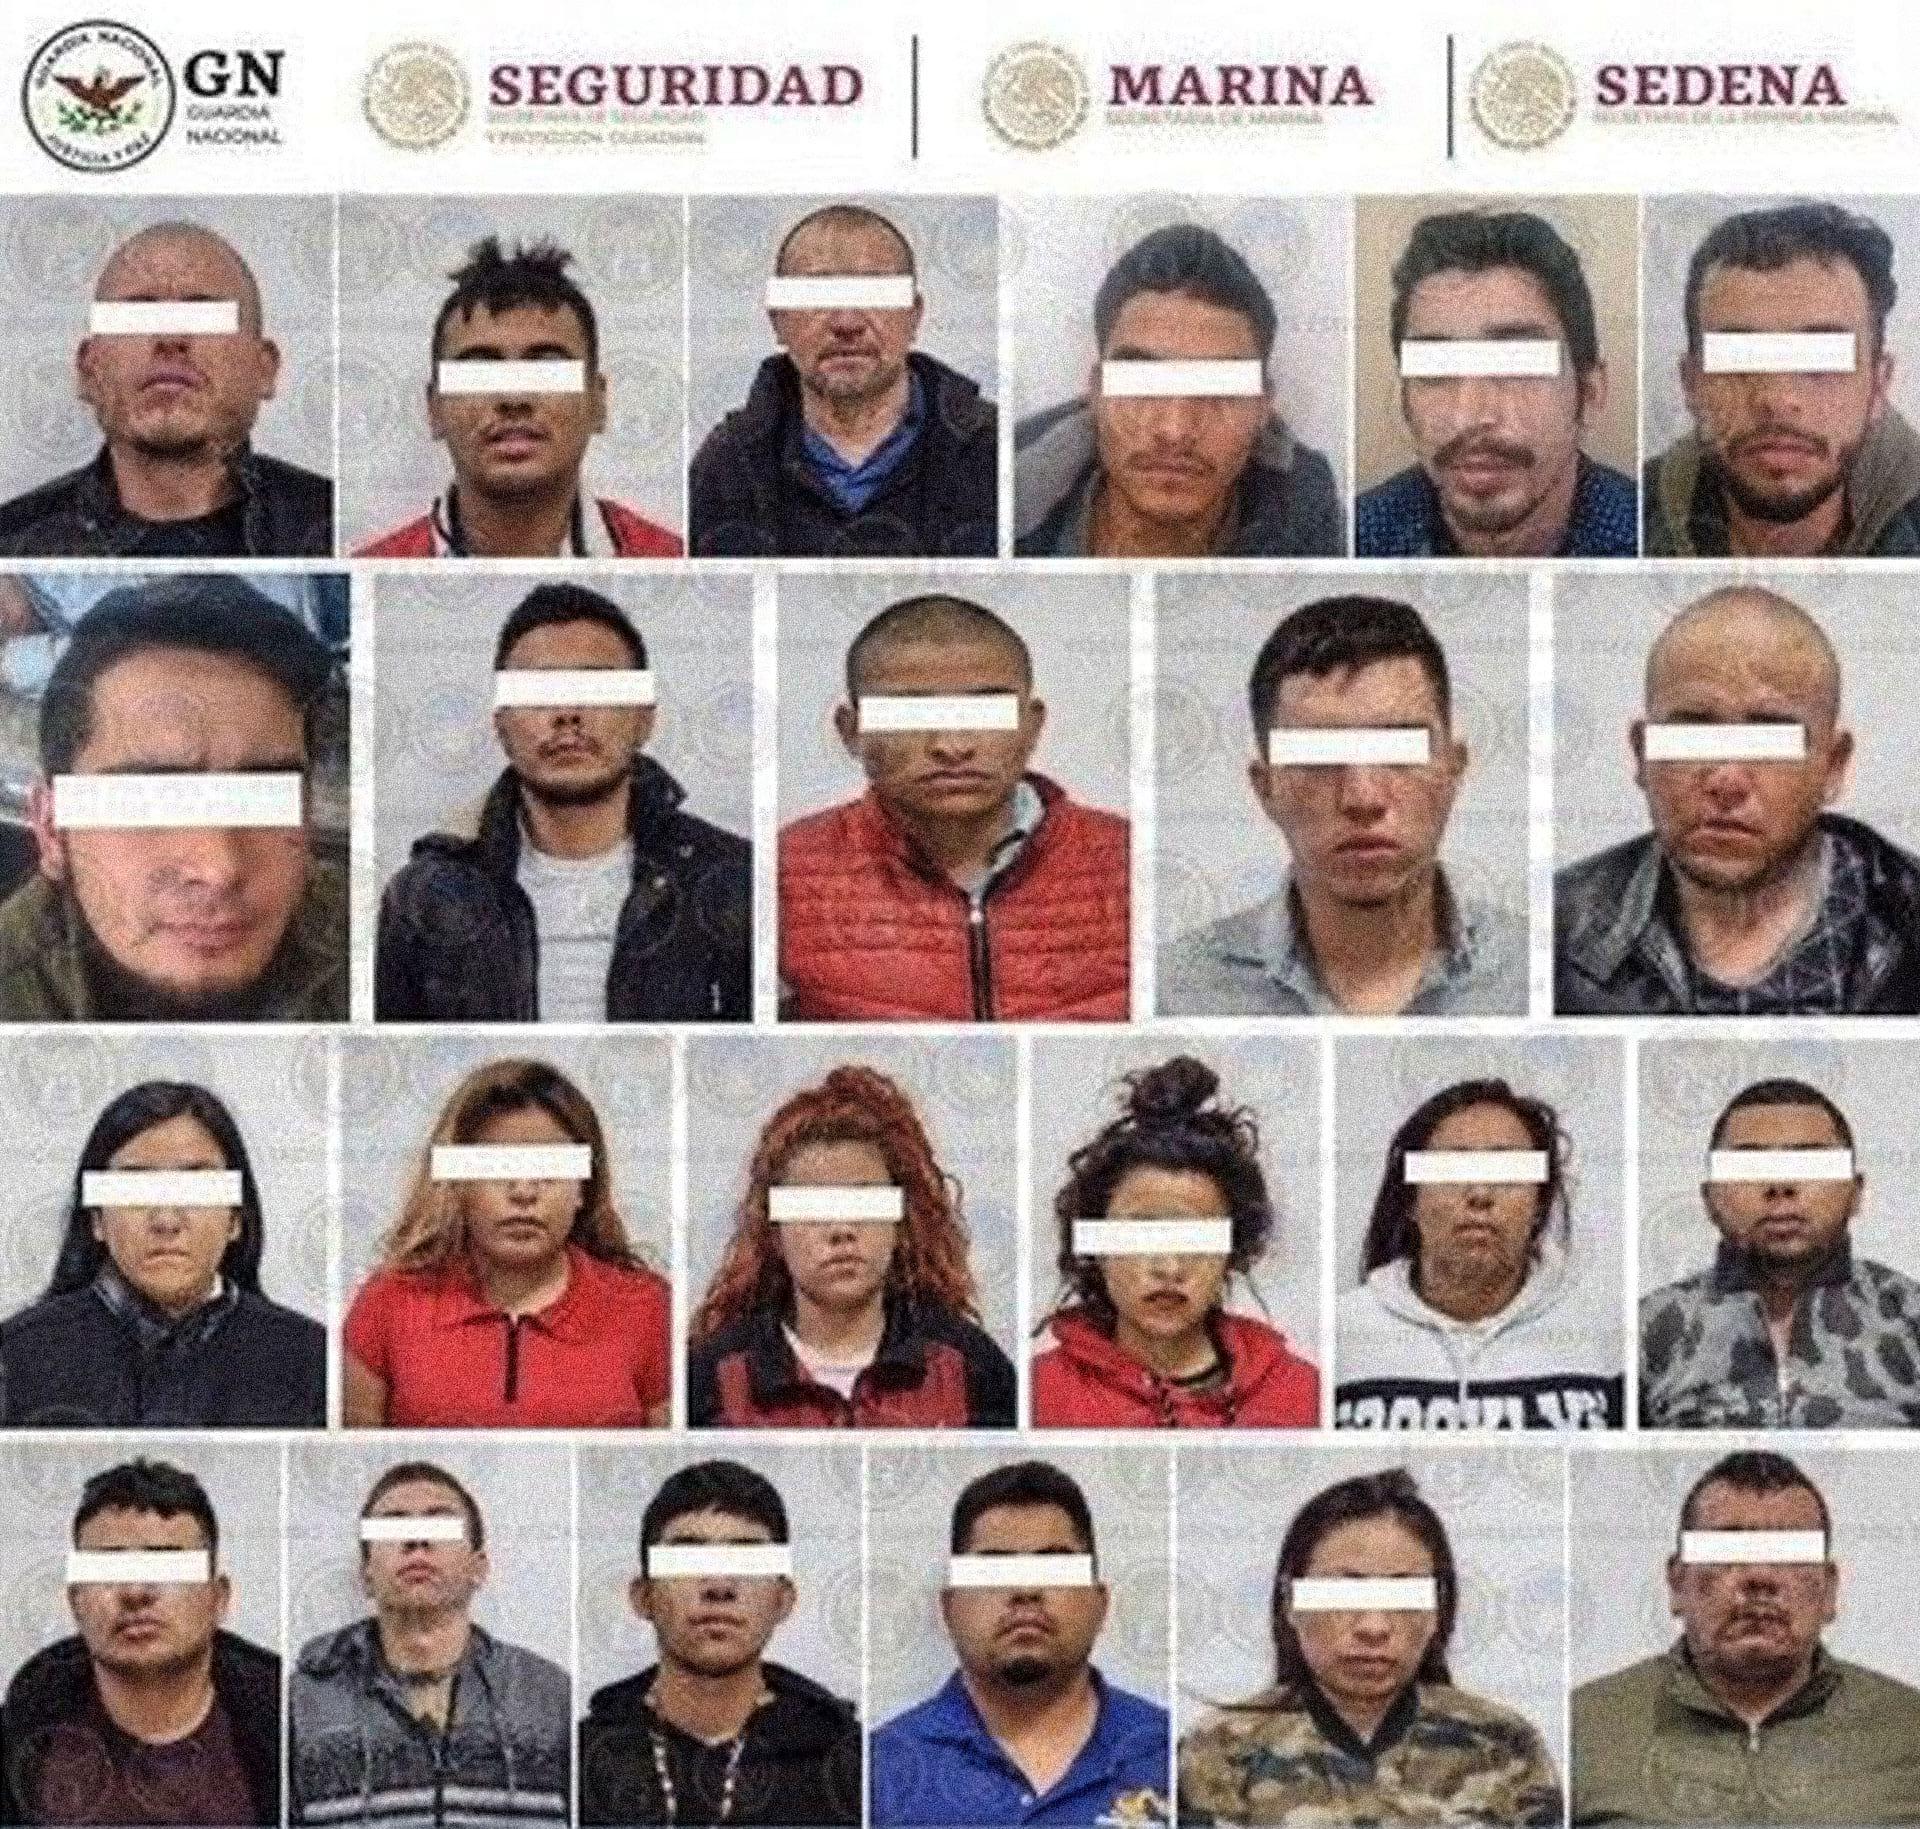 Integrantes del CJNG que conformaban la jefatura de plaza de dicho cártel en Silao, detenidos en un operativo conjunto de fuerzas estatales y federales. Foto distribuida por la Guardia Nacional.